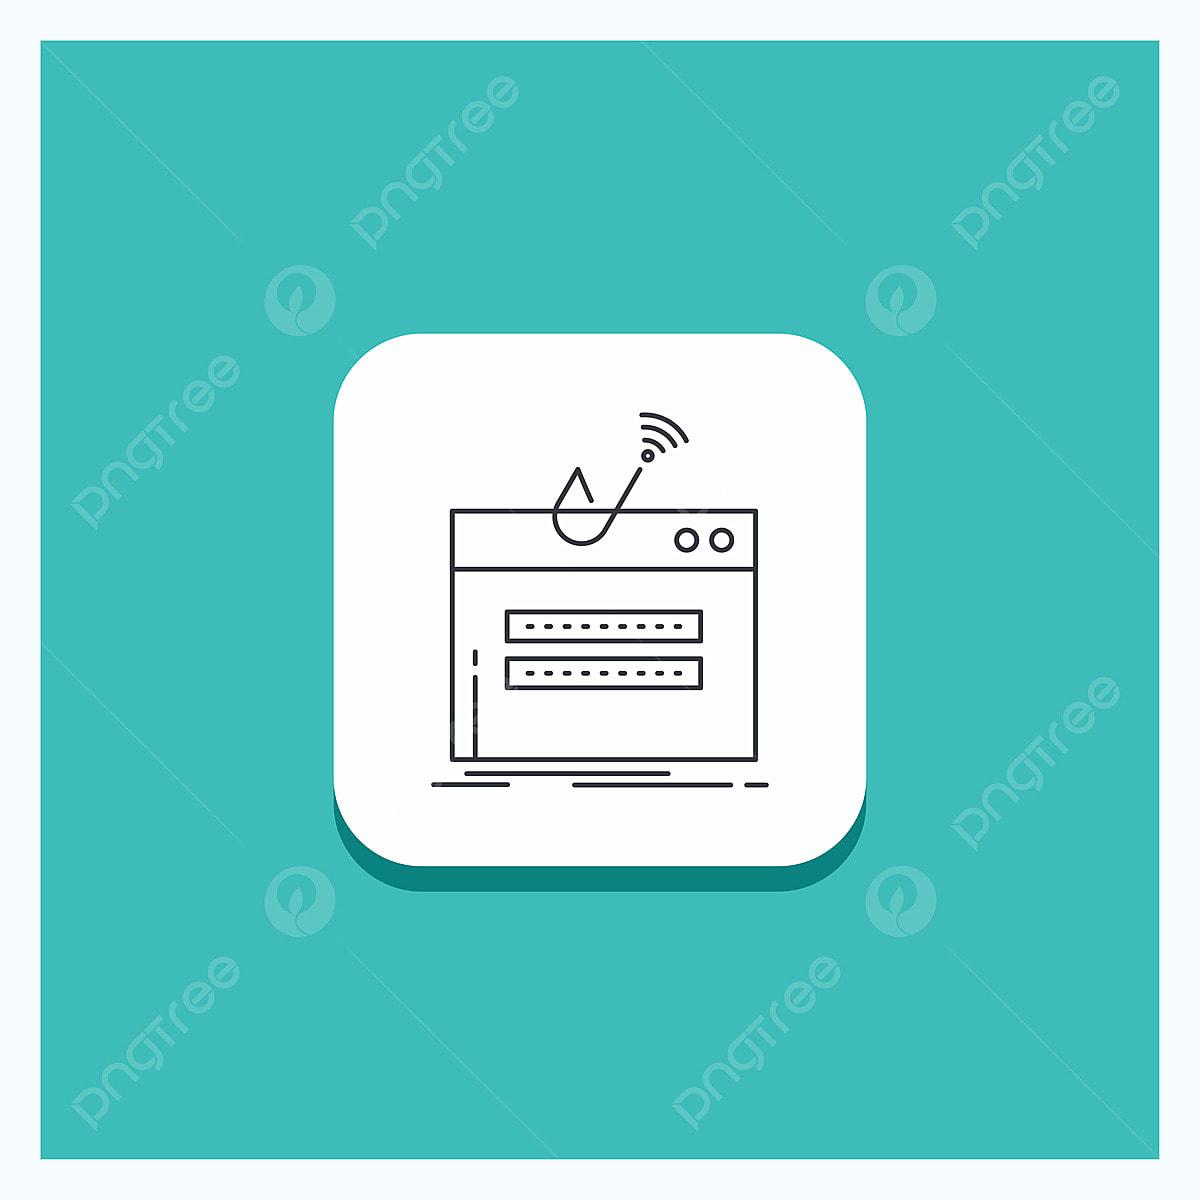 2f4385293 internet login contraseña botón redondo para el fraude Robo línea ic Gratis  PNG y Vector